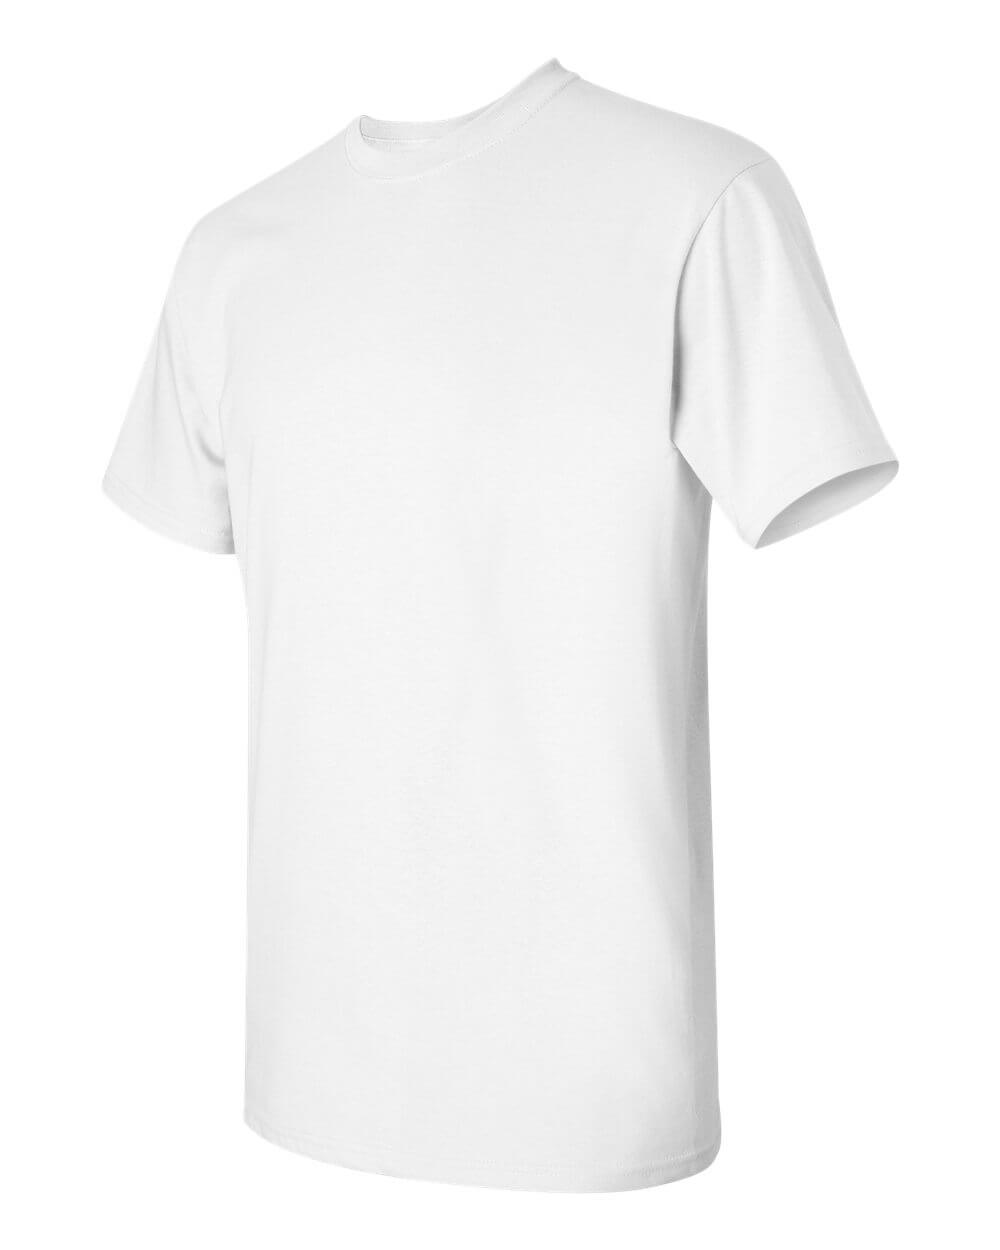 Cheap Screen Printing T Shirts Gildan Heavy Cotton T Shirts